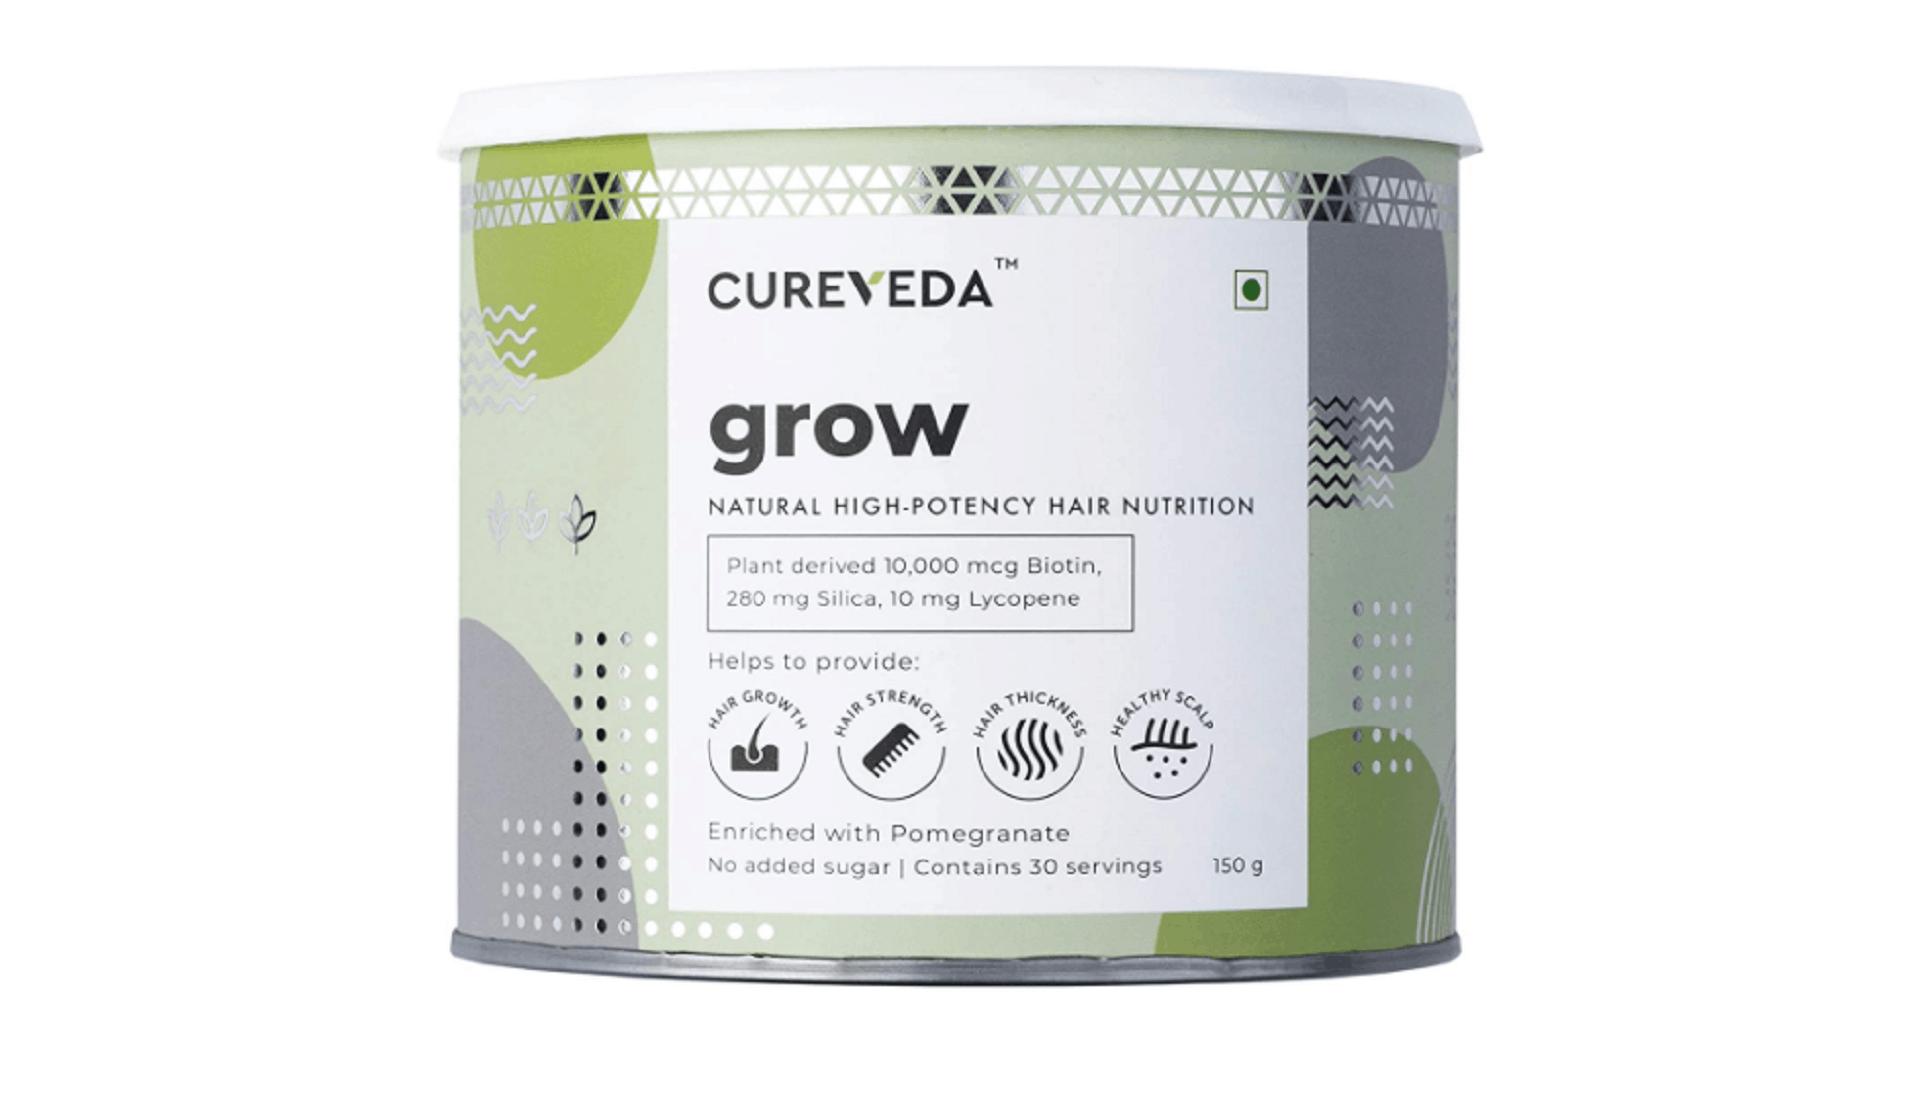 grow cureveda